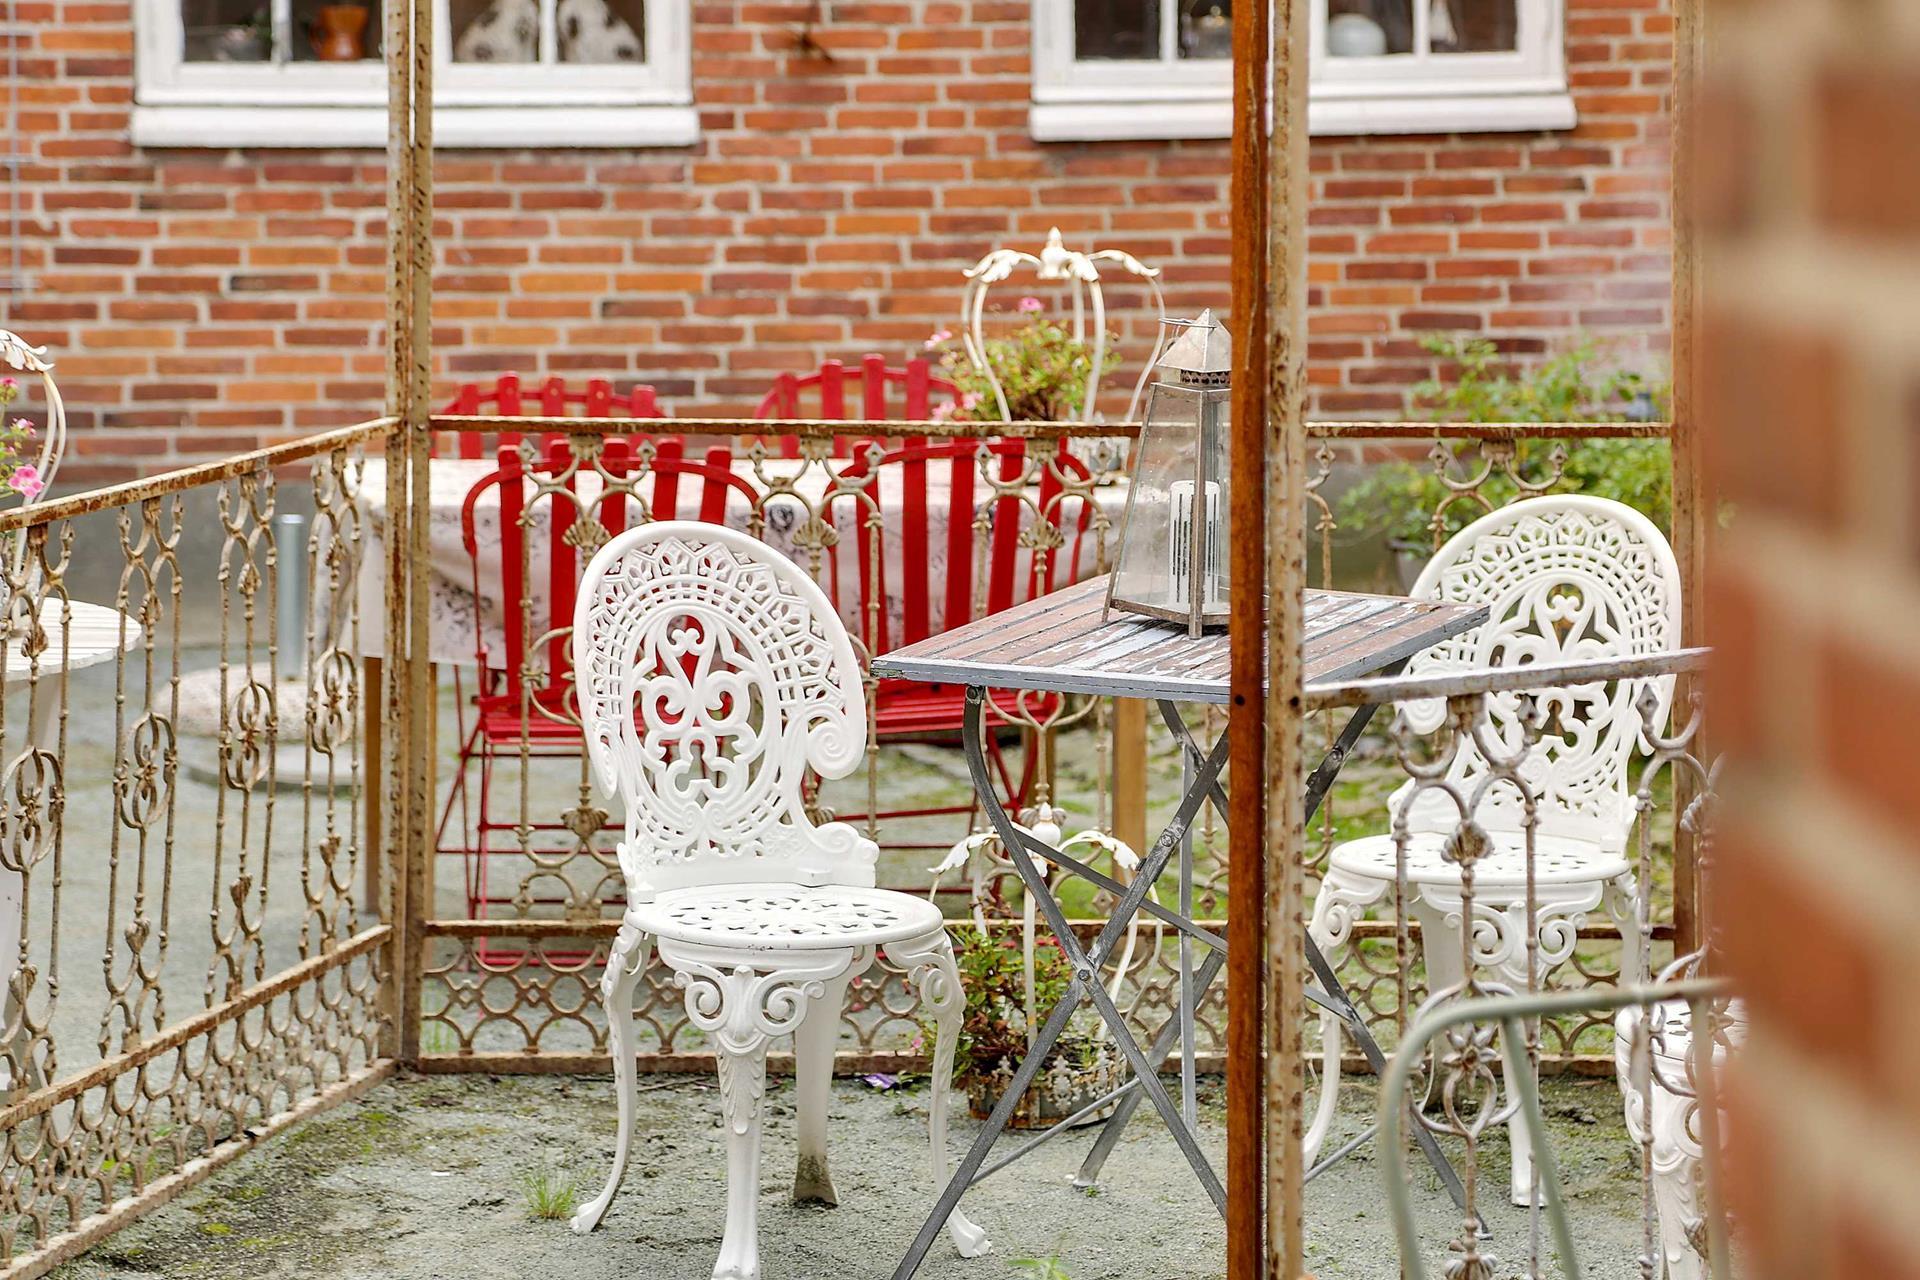 Bolig/erhverv på Slotsgaden i Tønder - Altan